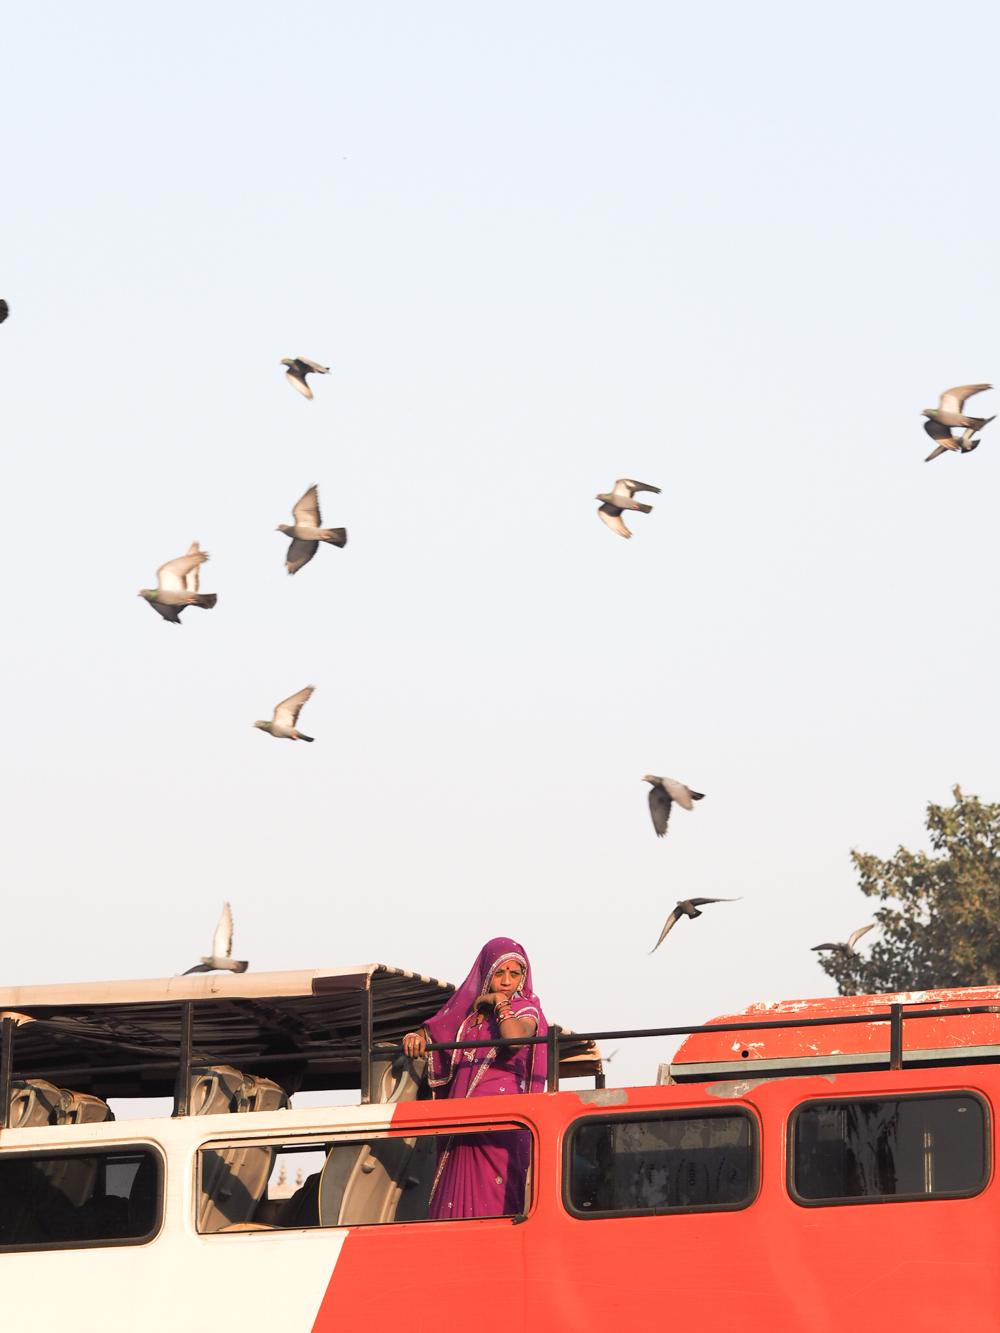 olympus camera in india